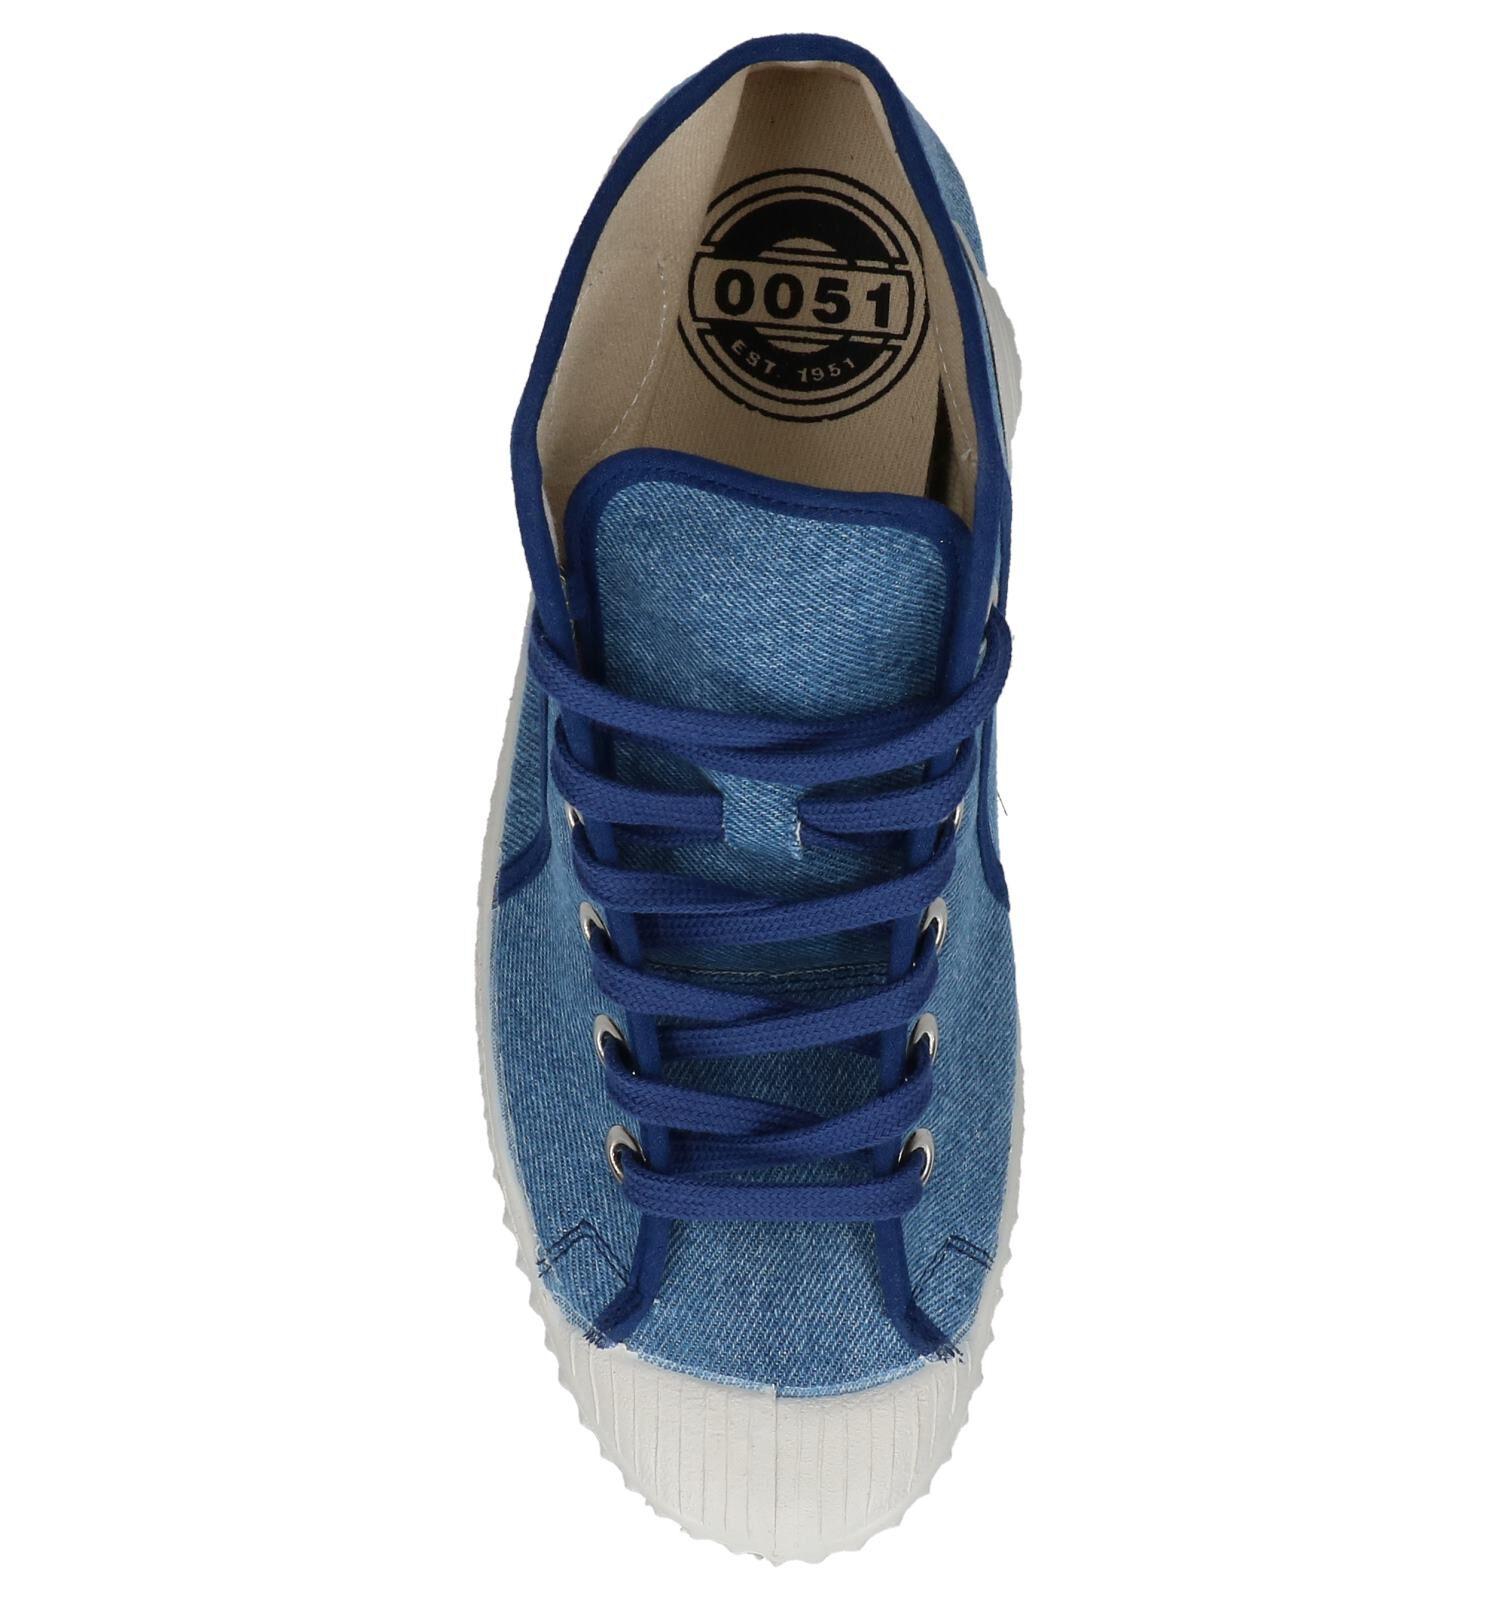 0051 Jeans Blauwe Hoge Sneakers